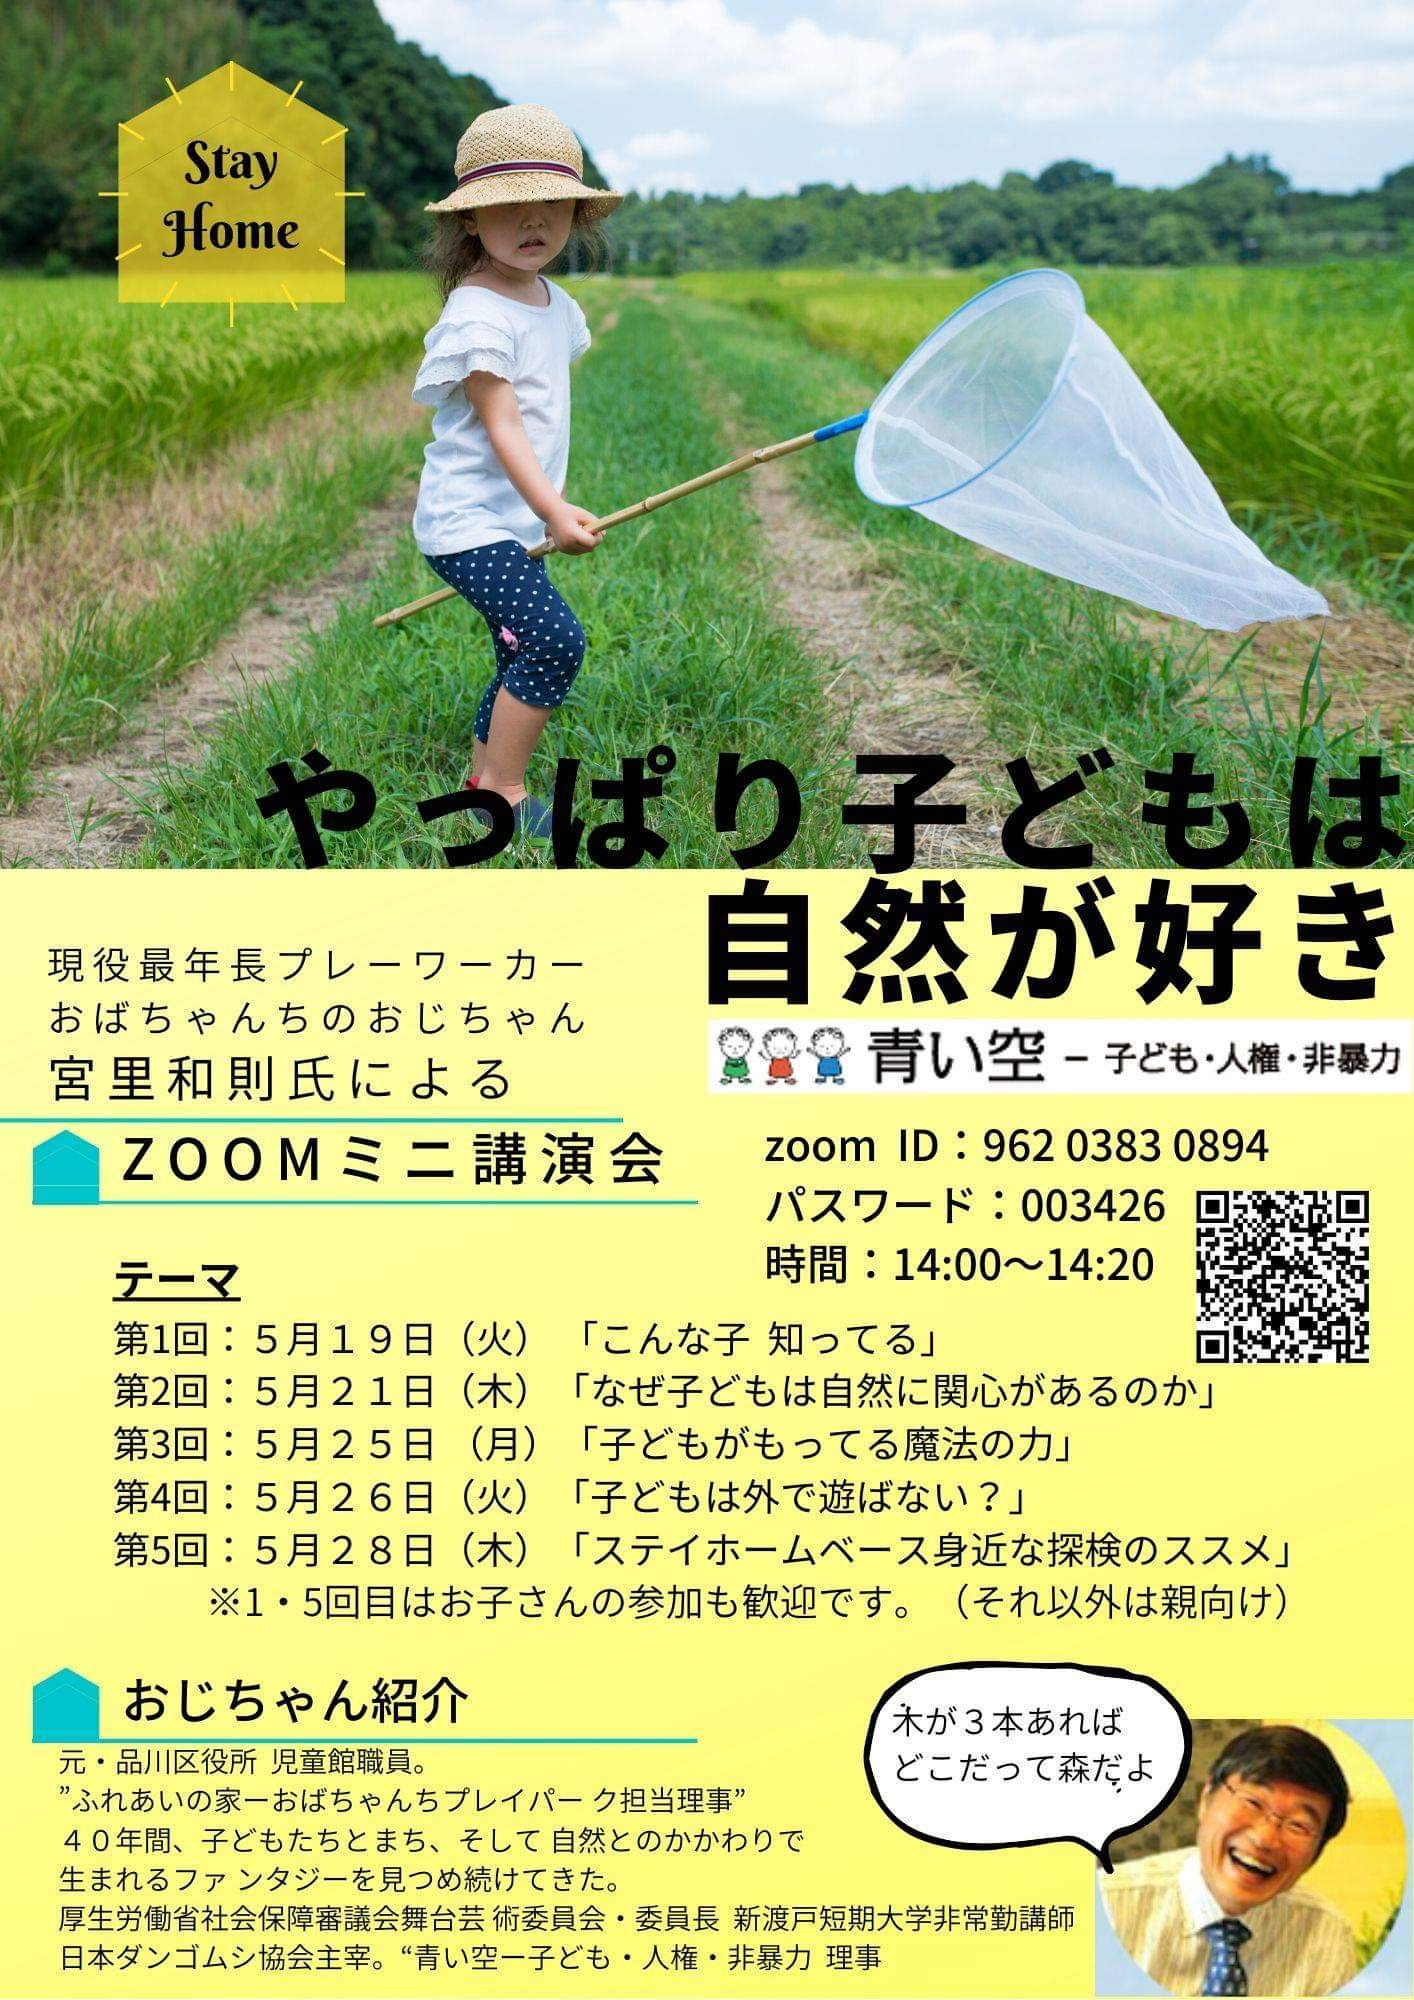 とにかく楽しいミニ講座!ZOOMで開催。「やっぱり子どもは自然が好き」青い空の理事さんのお話です。5月19日月曜日14時から。_d0204305_08244770.jpeg